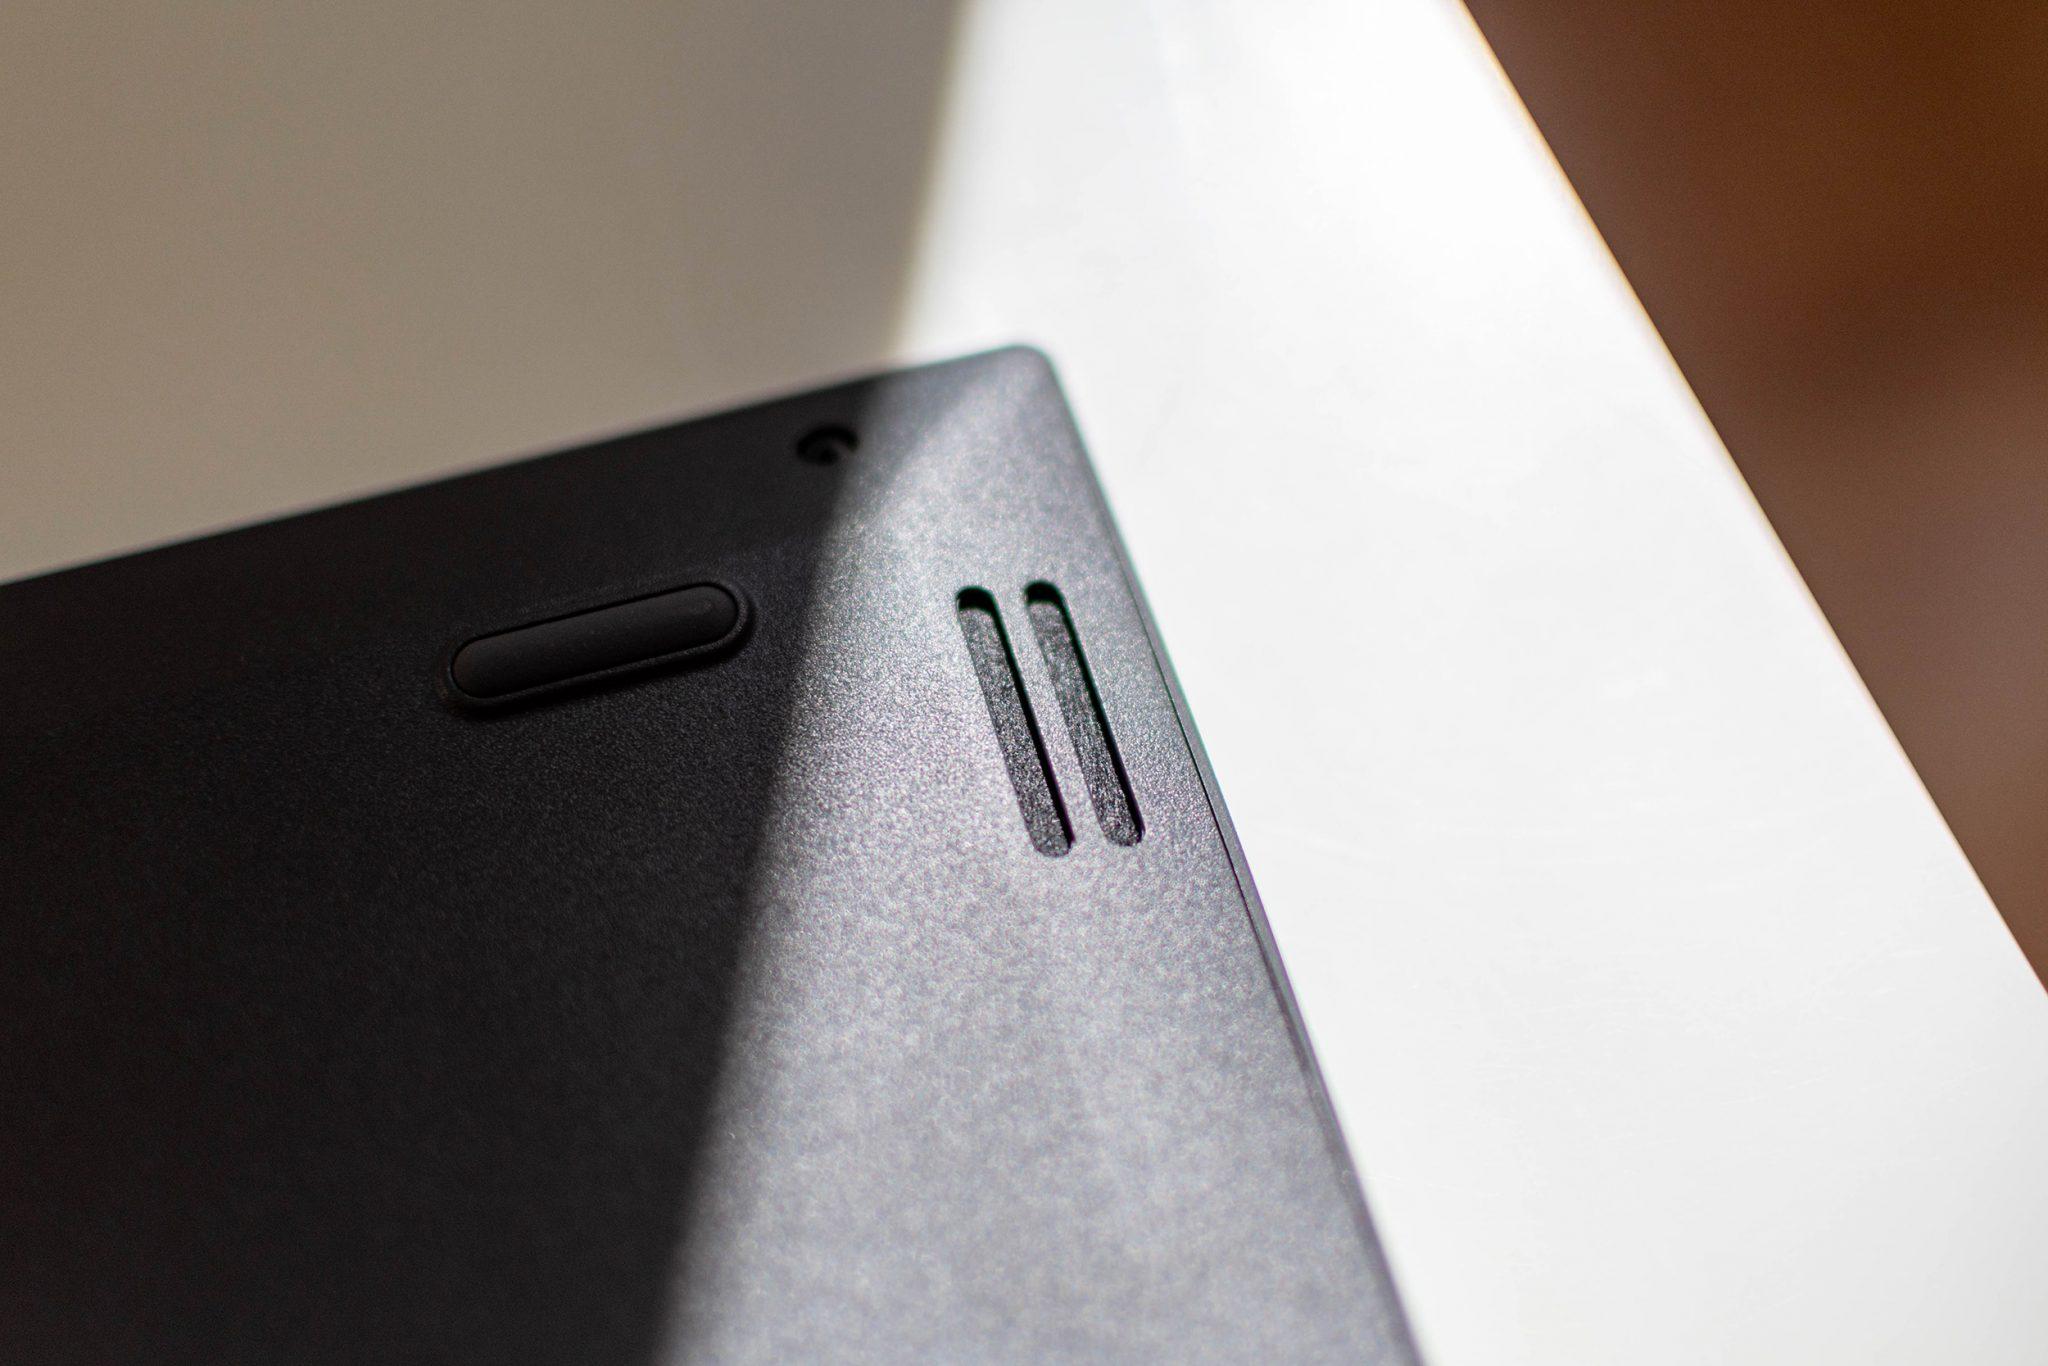 Lenovo Chromebook sound